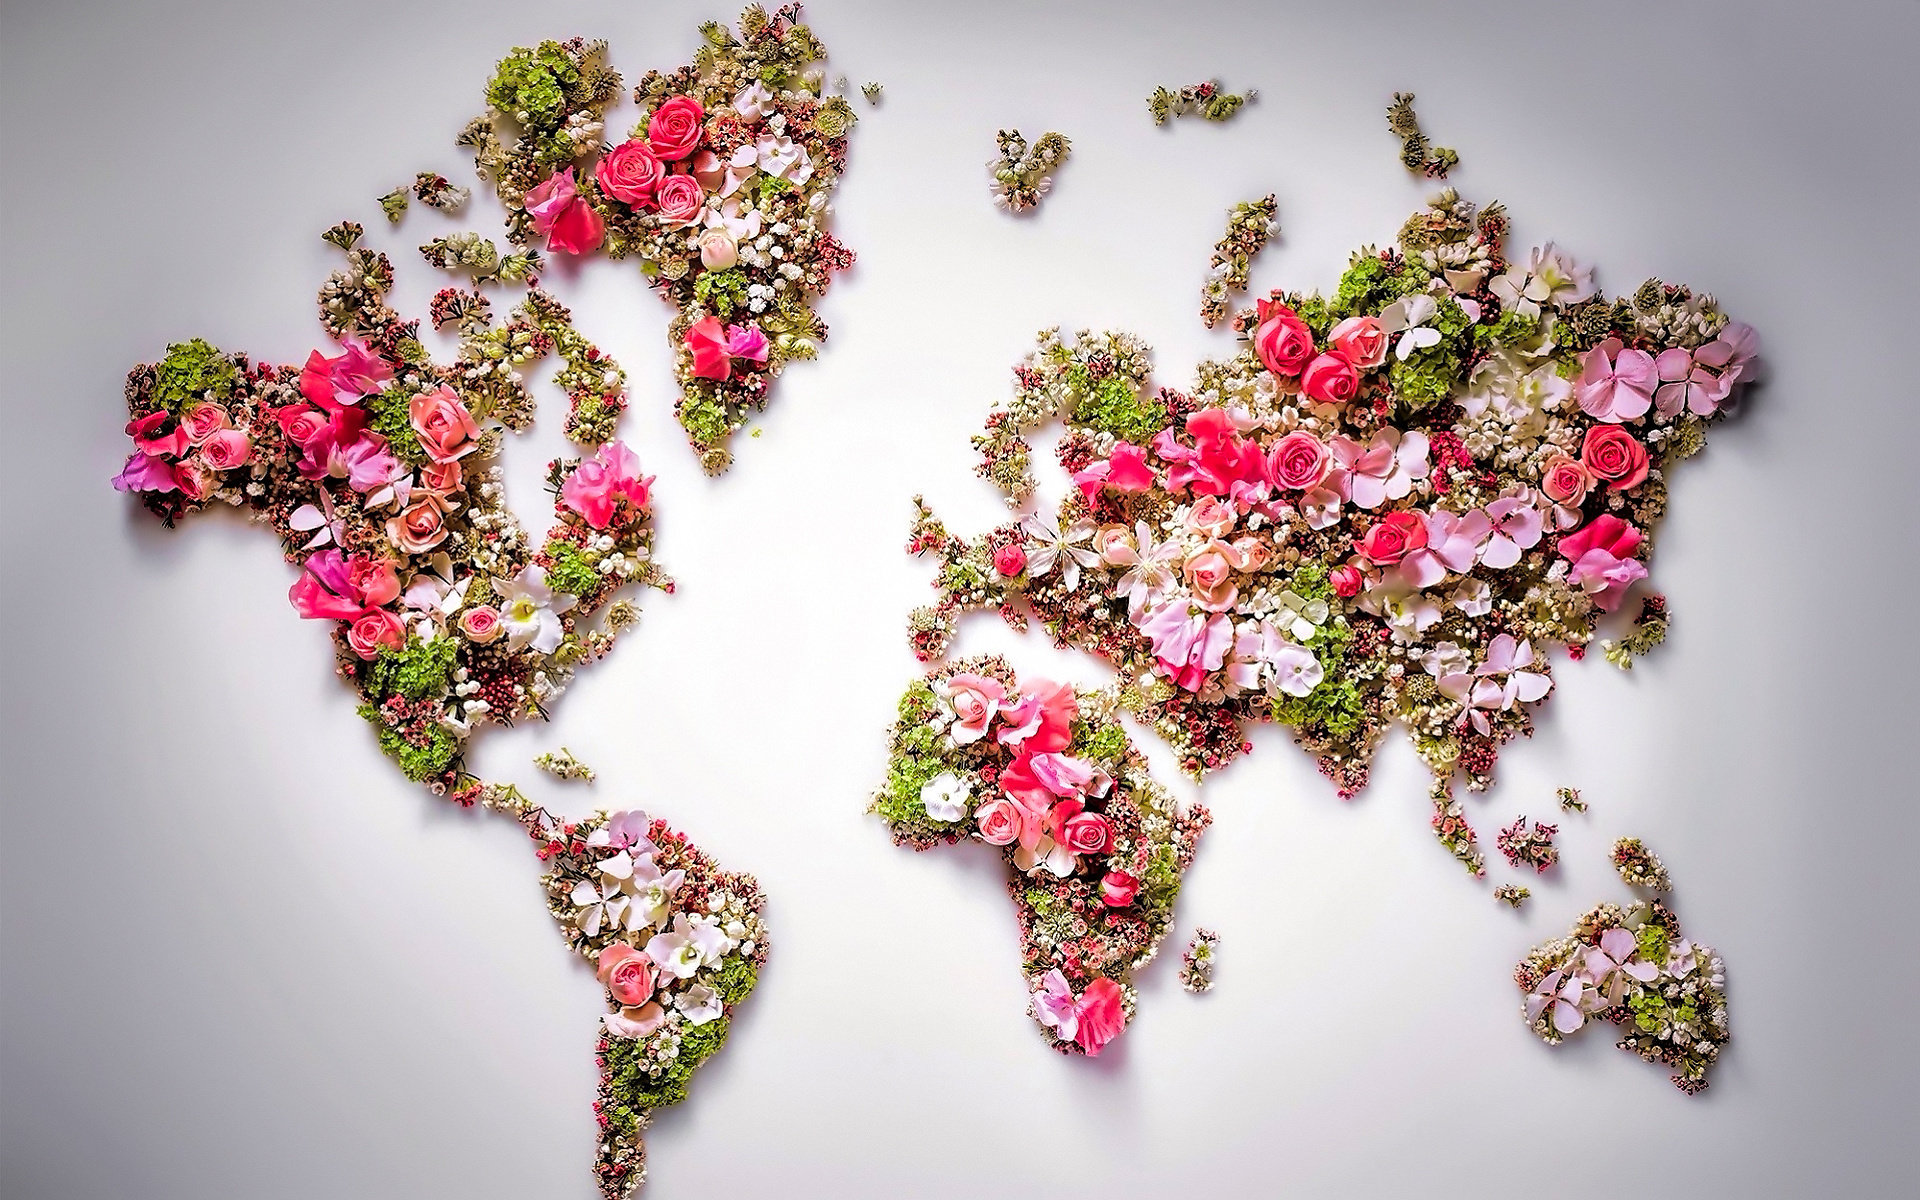 Доставка квітів по всьому світу від SuperFlowers. Superflowers.com.ua